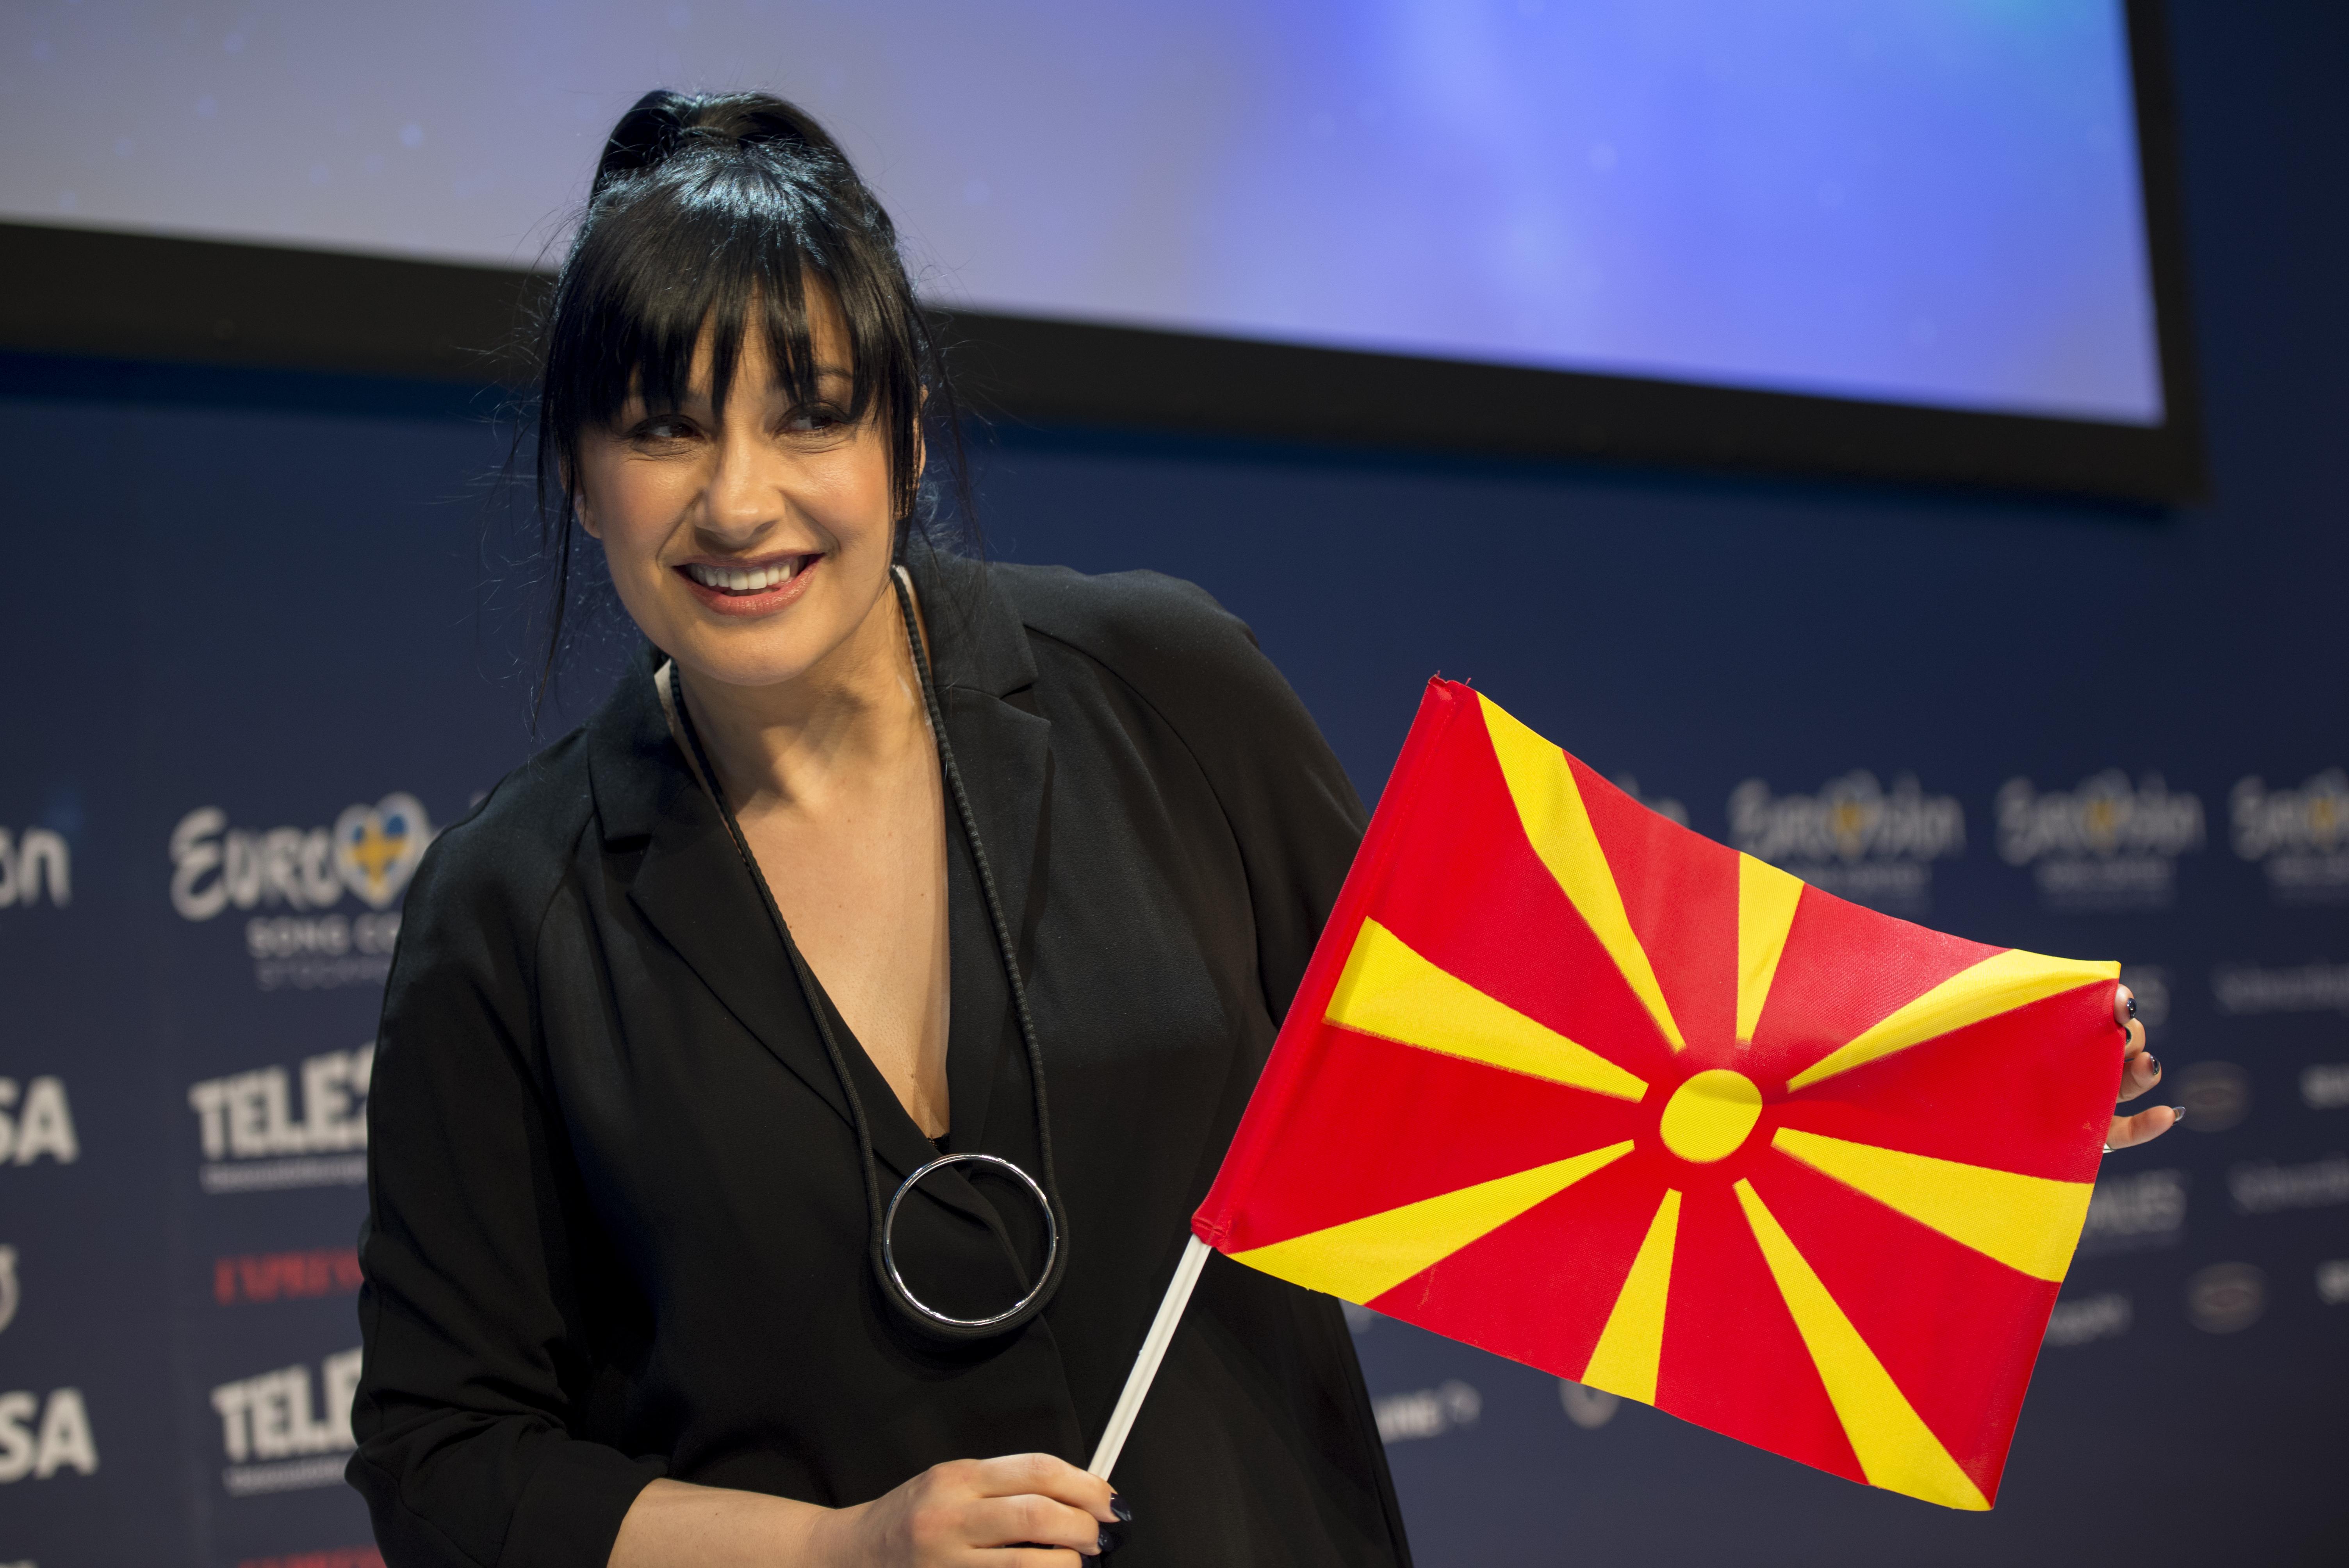 Mrt1 macedonia online dating